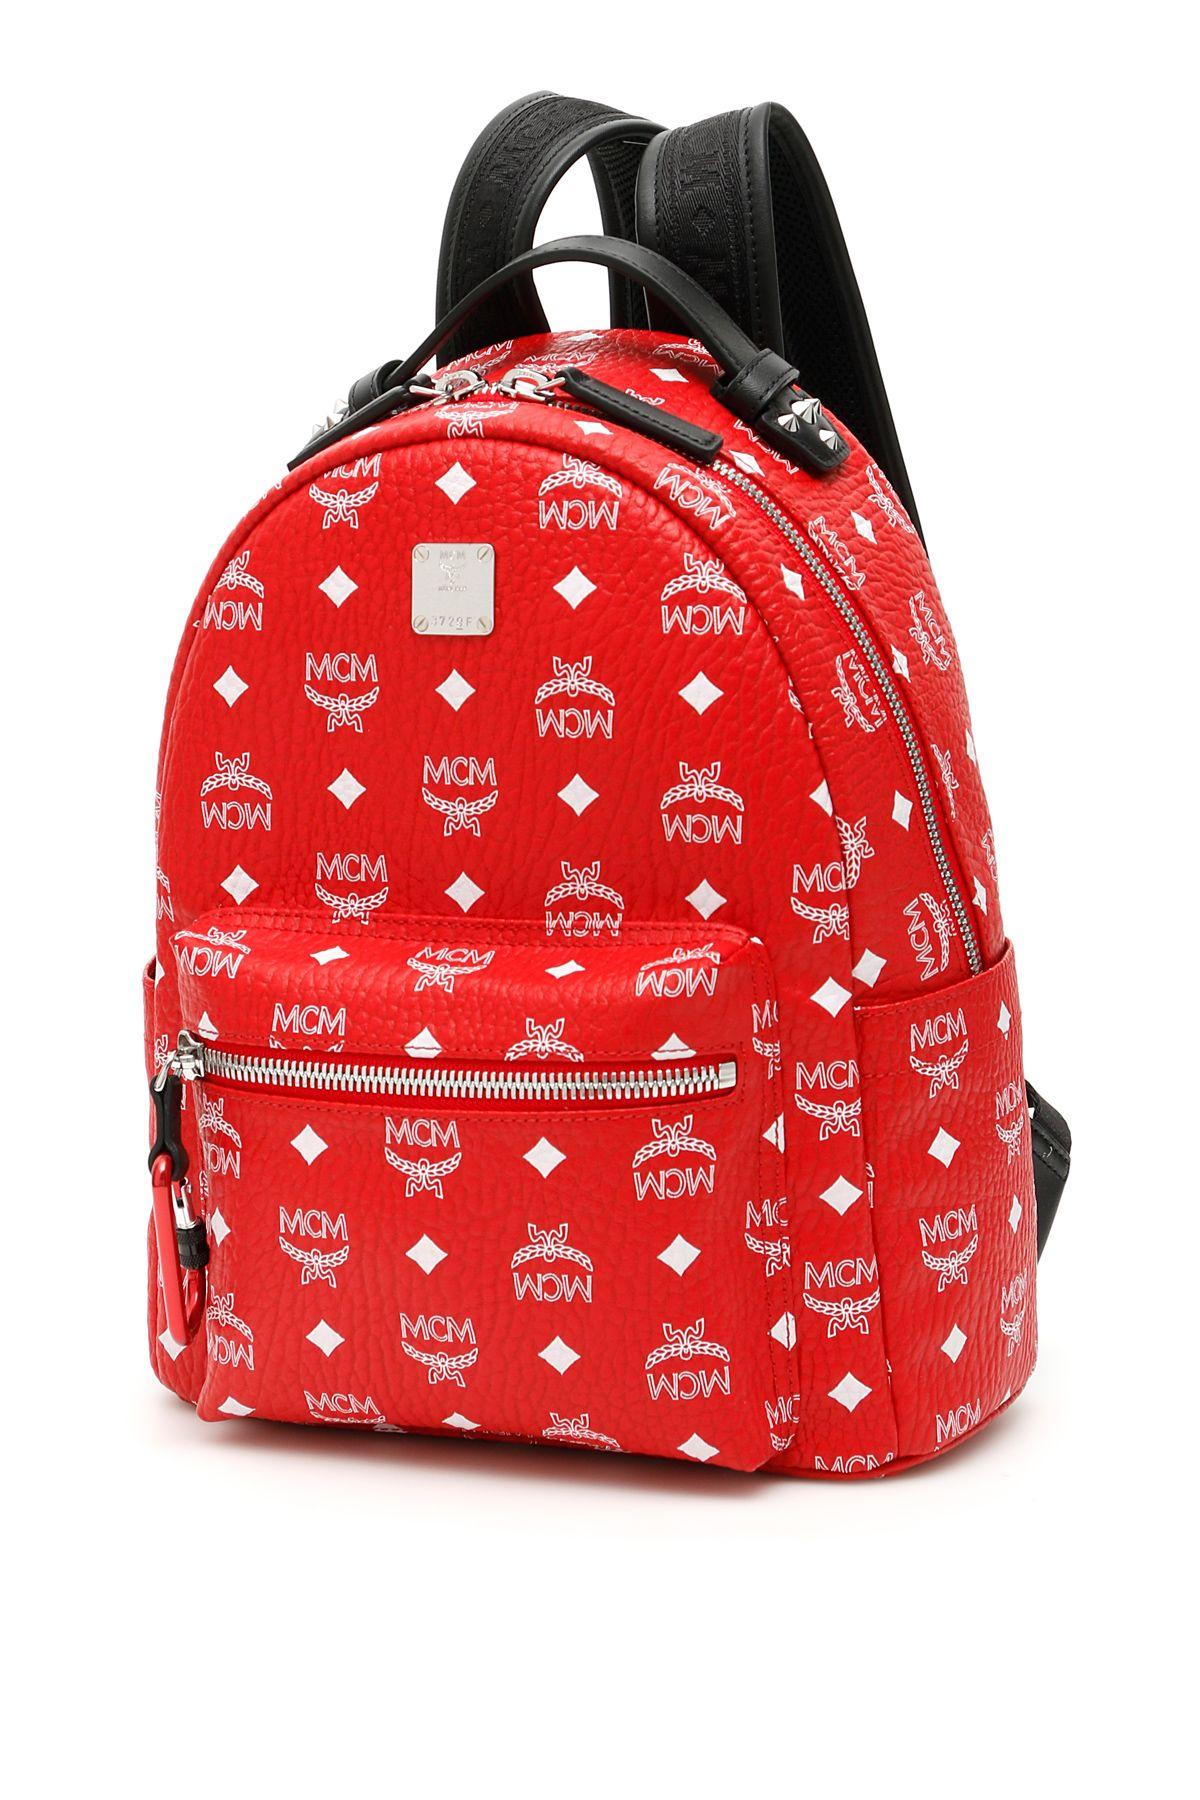 aff67c0f7 MCM MCM Visetos Stark Backpack - WHITE LOGO VIVA RED (Red ...